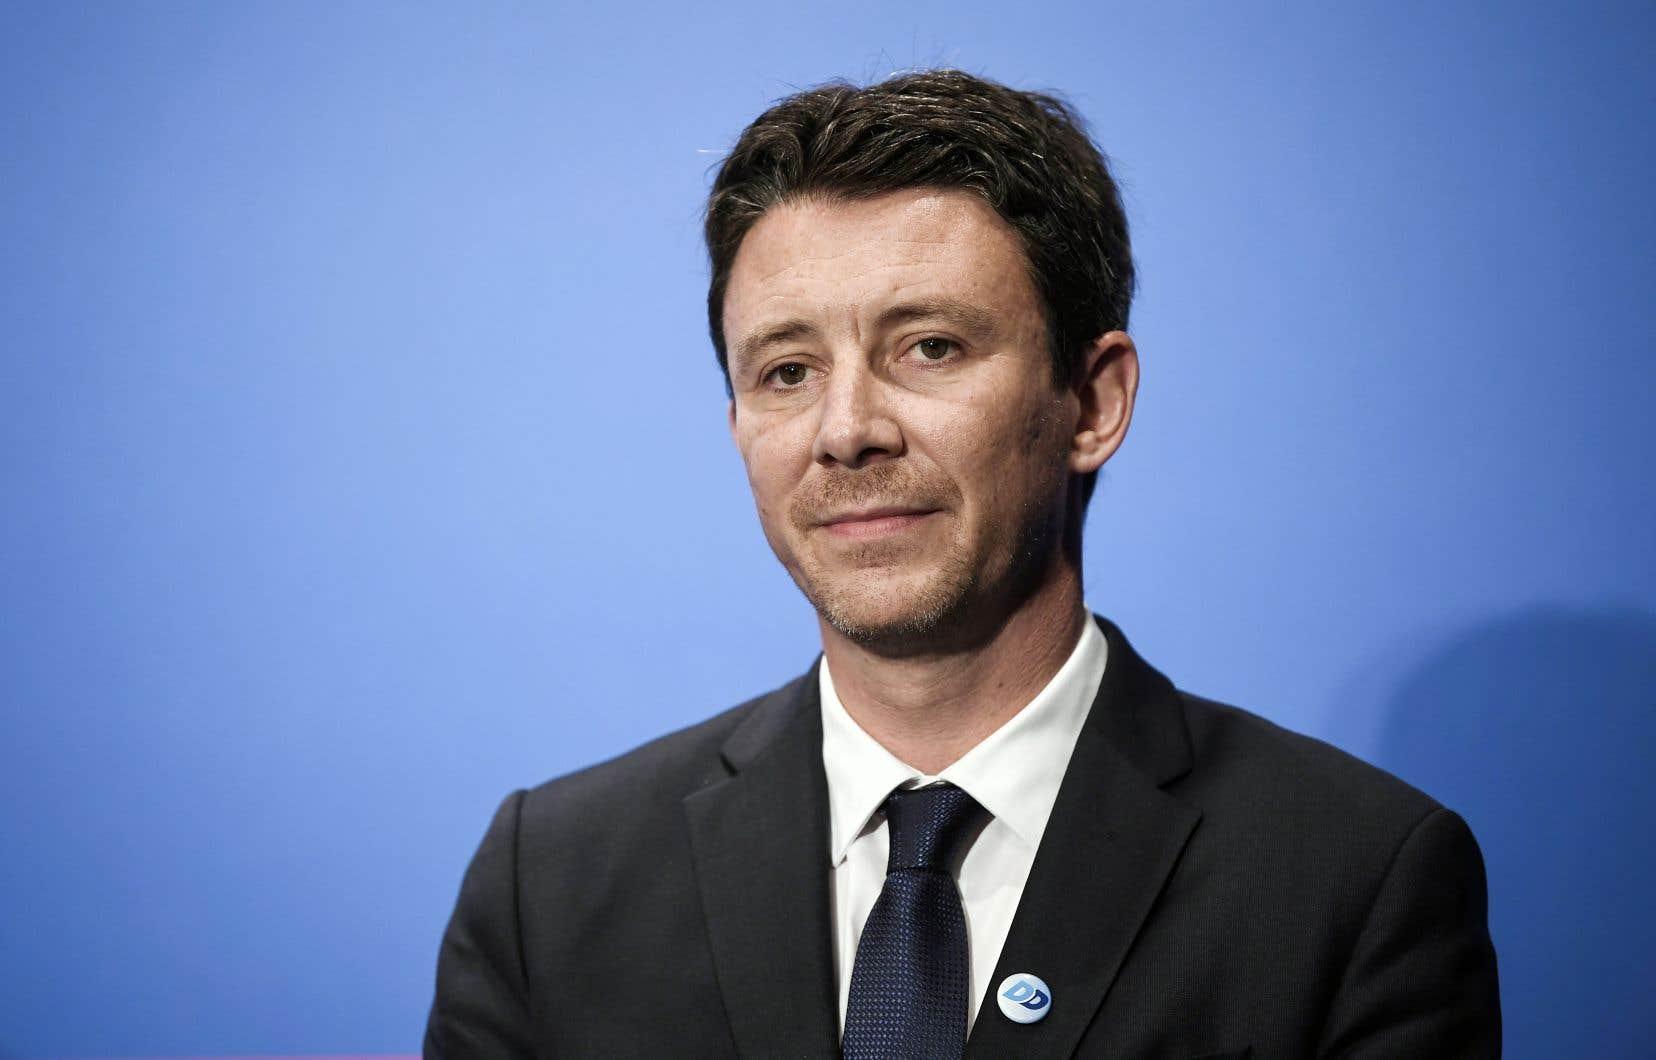 Le porte-parole du gouvernement français, Benjamin Griveaux, a donné une longue entrevue au quotidien «Le Parisien».